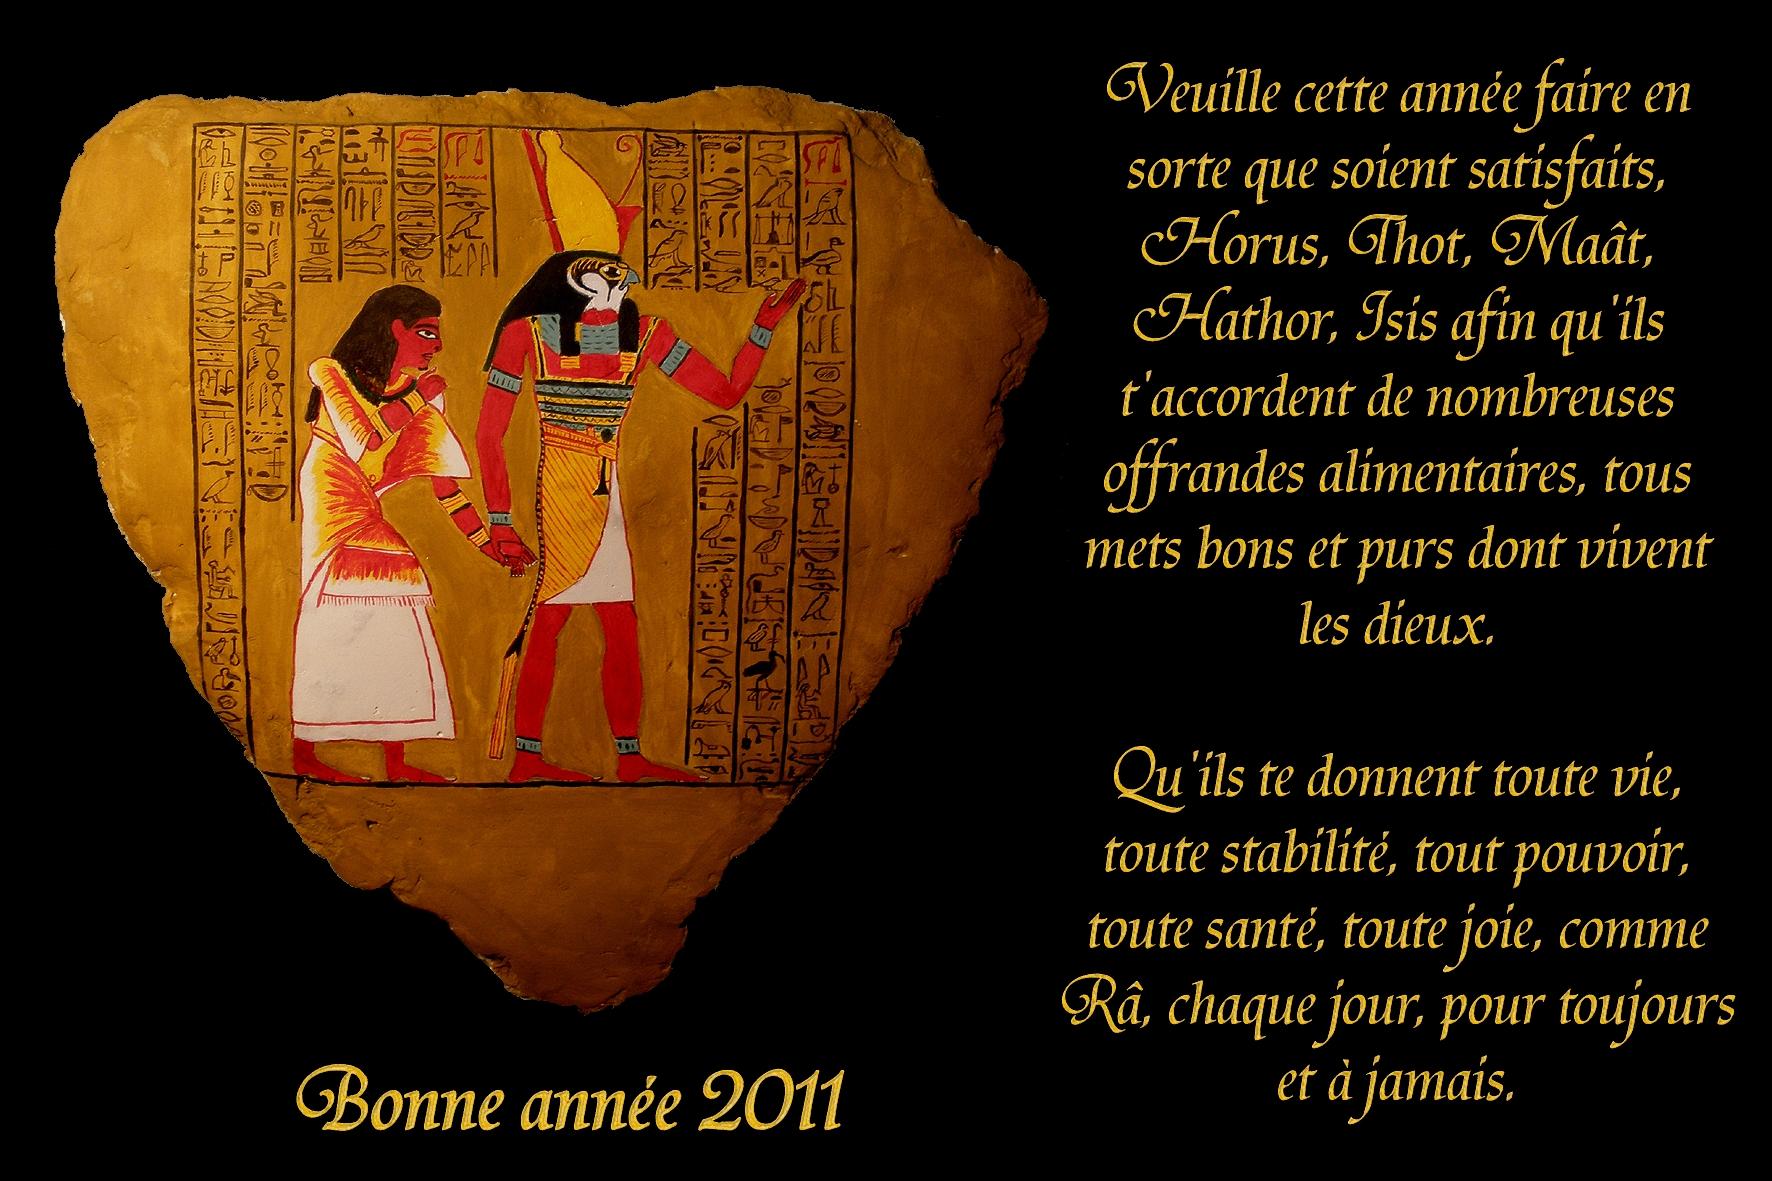 http://hieroglyphe.djehouty.free.fr/hieroglyphes/carte_bonne_annee_2011.jpg